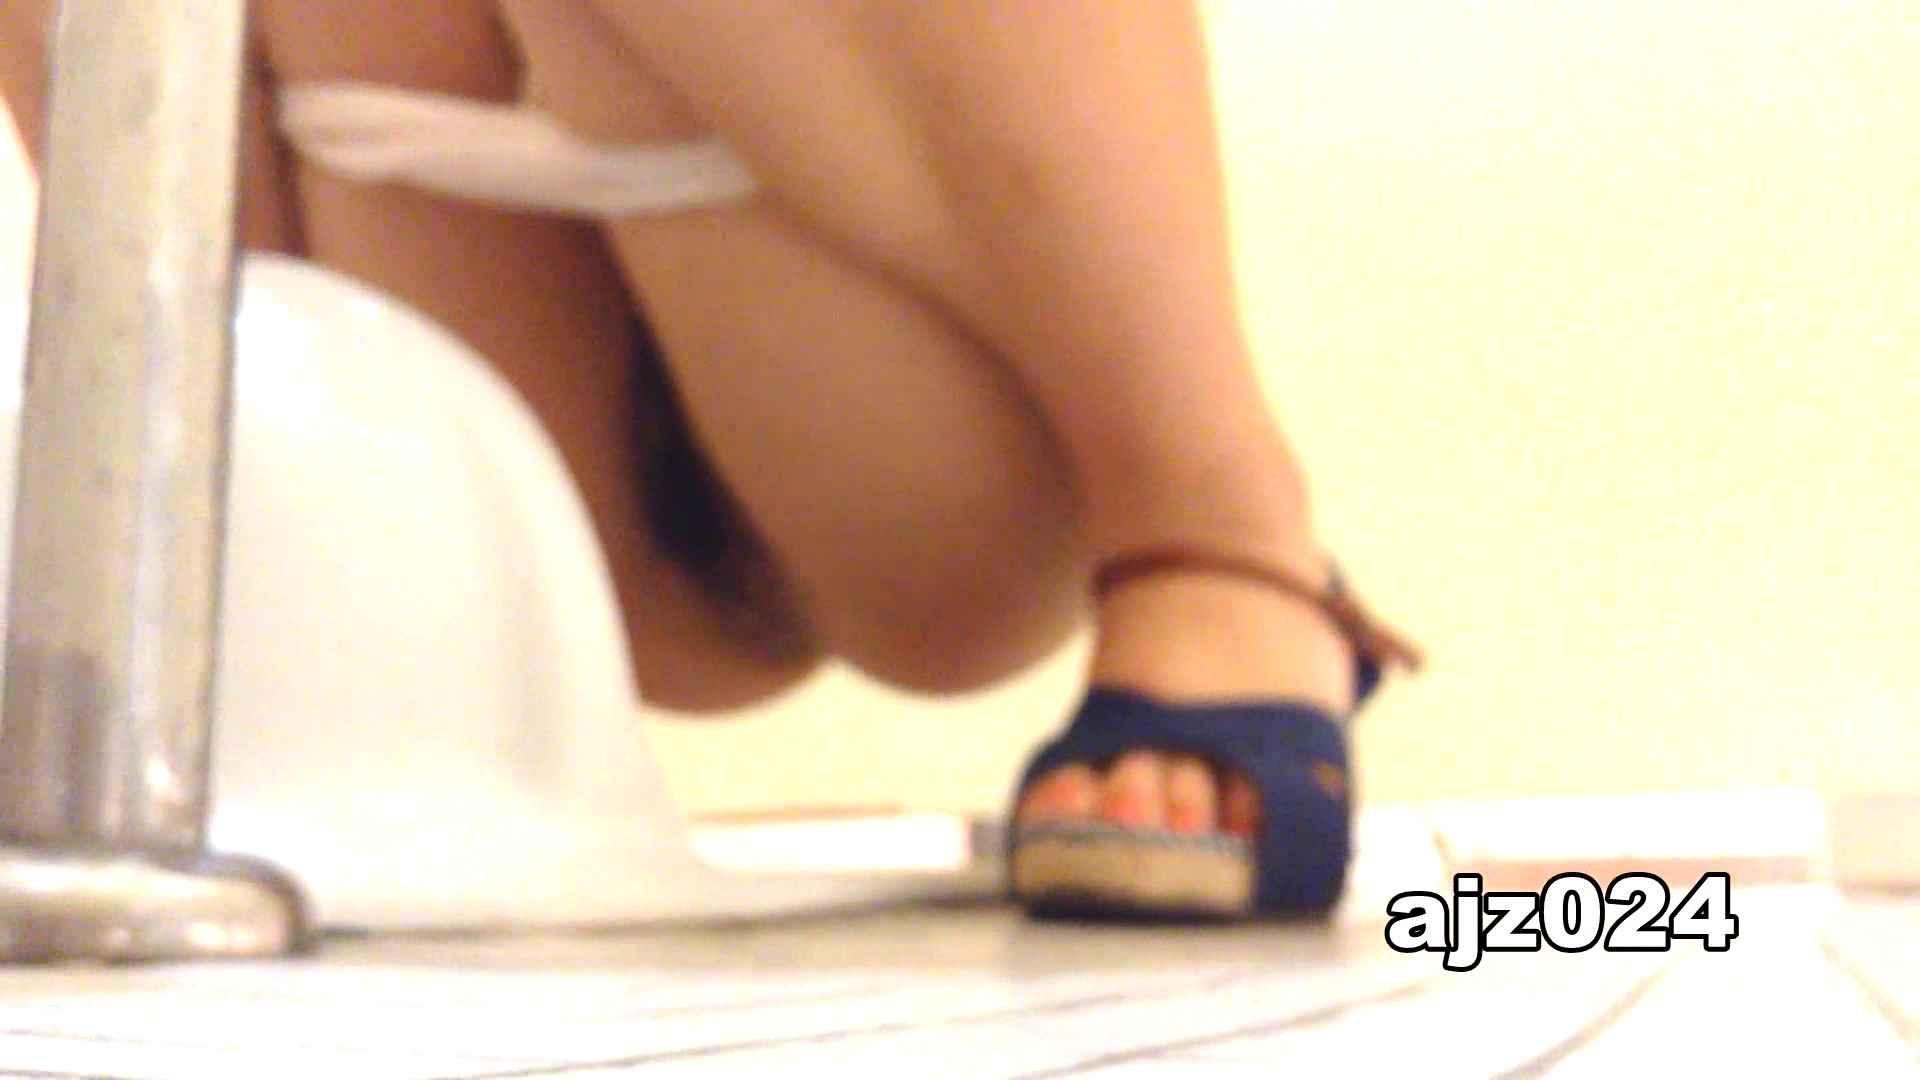 某有名大学女性洗面所 vol.24 排泄 スケベ動画紹介 56PIX 11